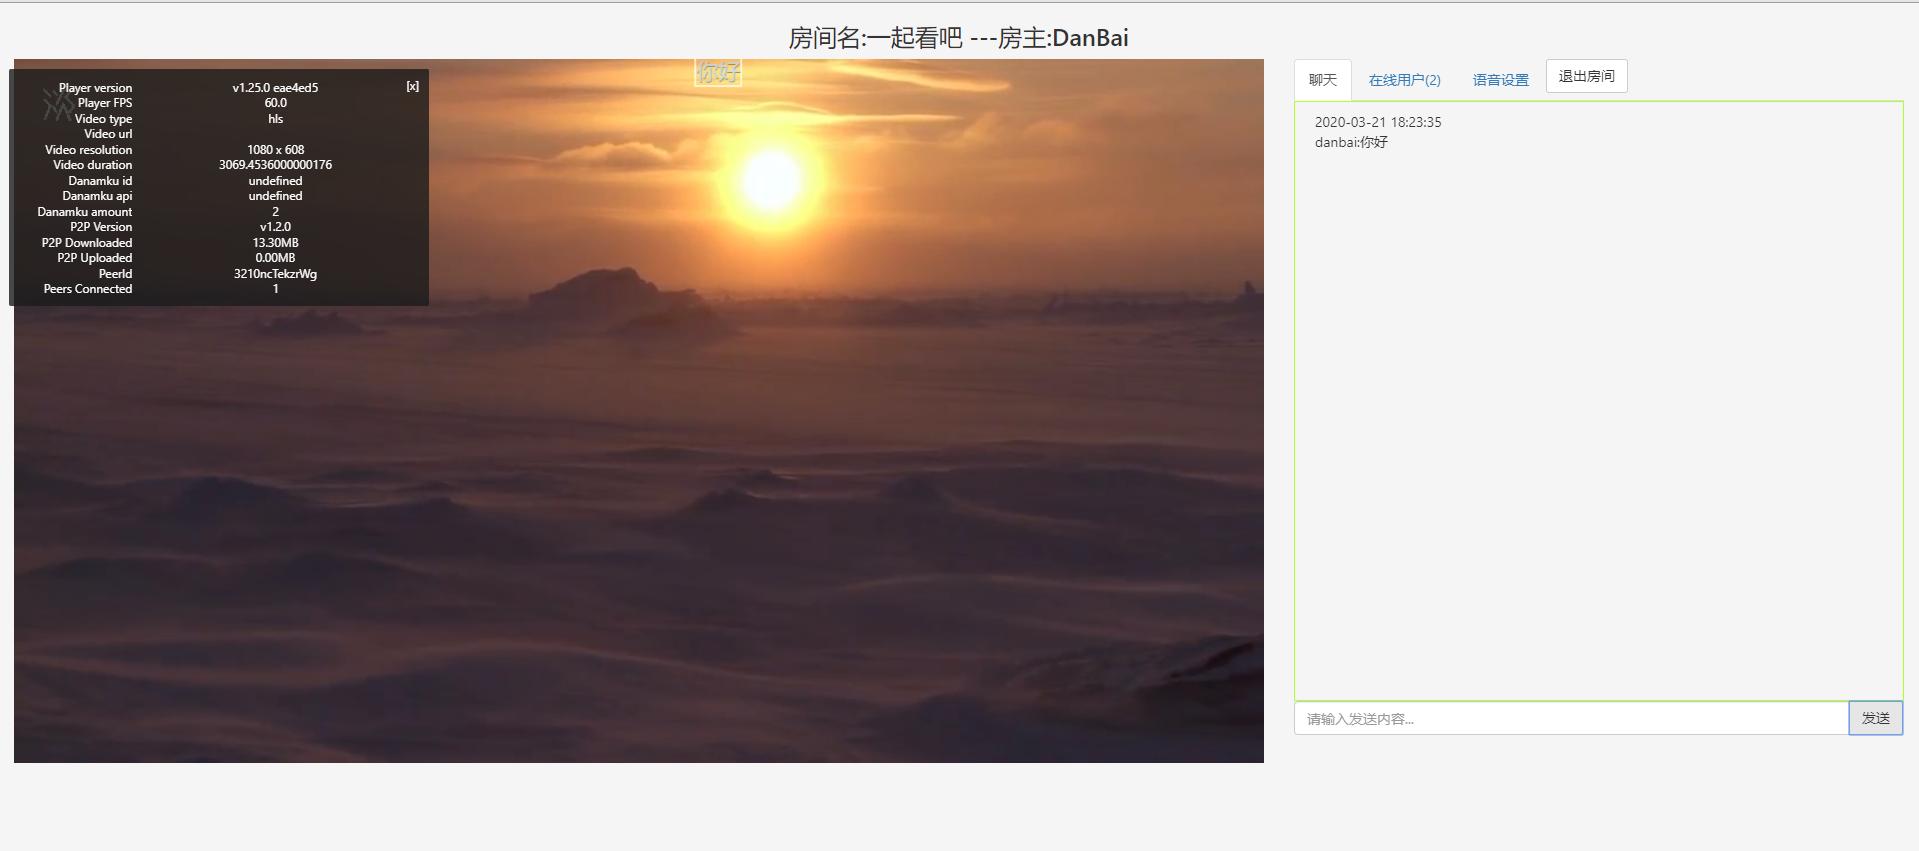 使用java websocket+agora.io实现影视同步一起观看和语音功能